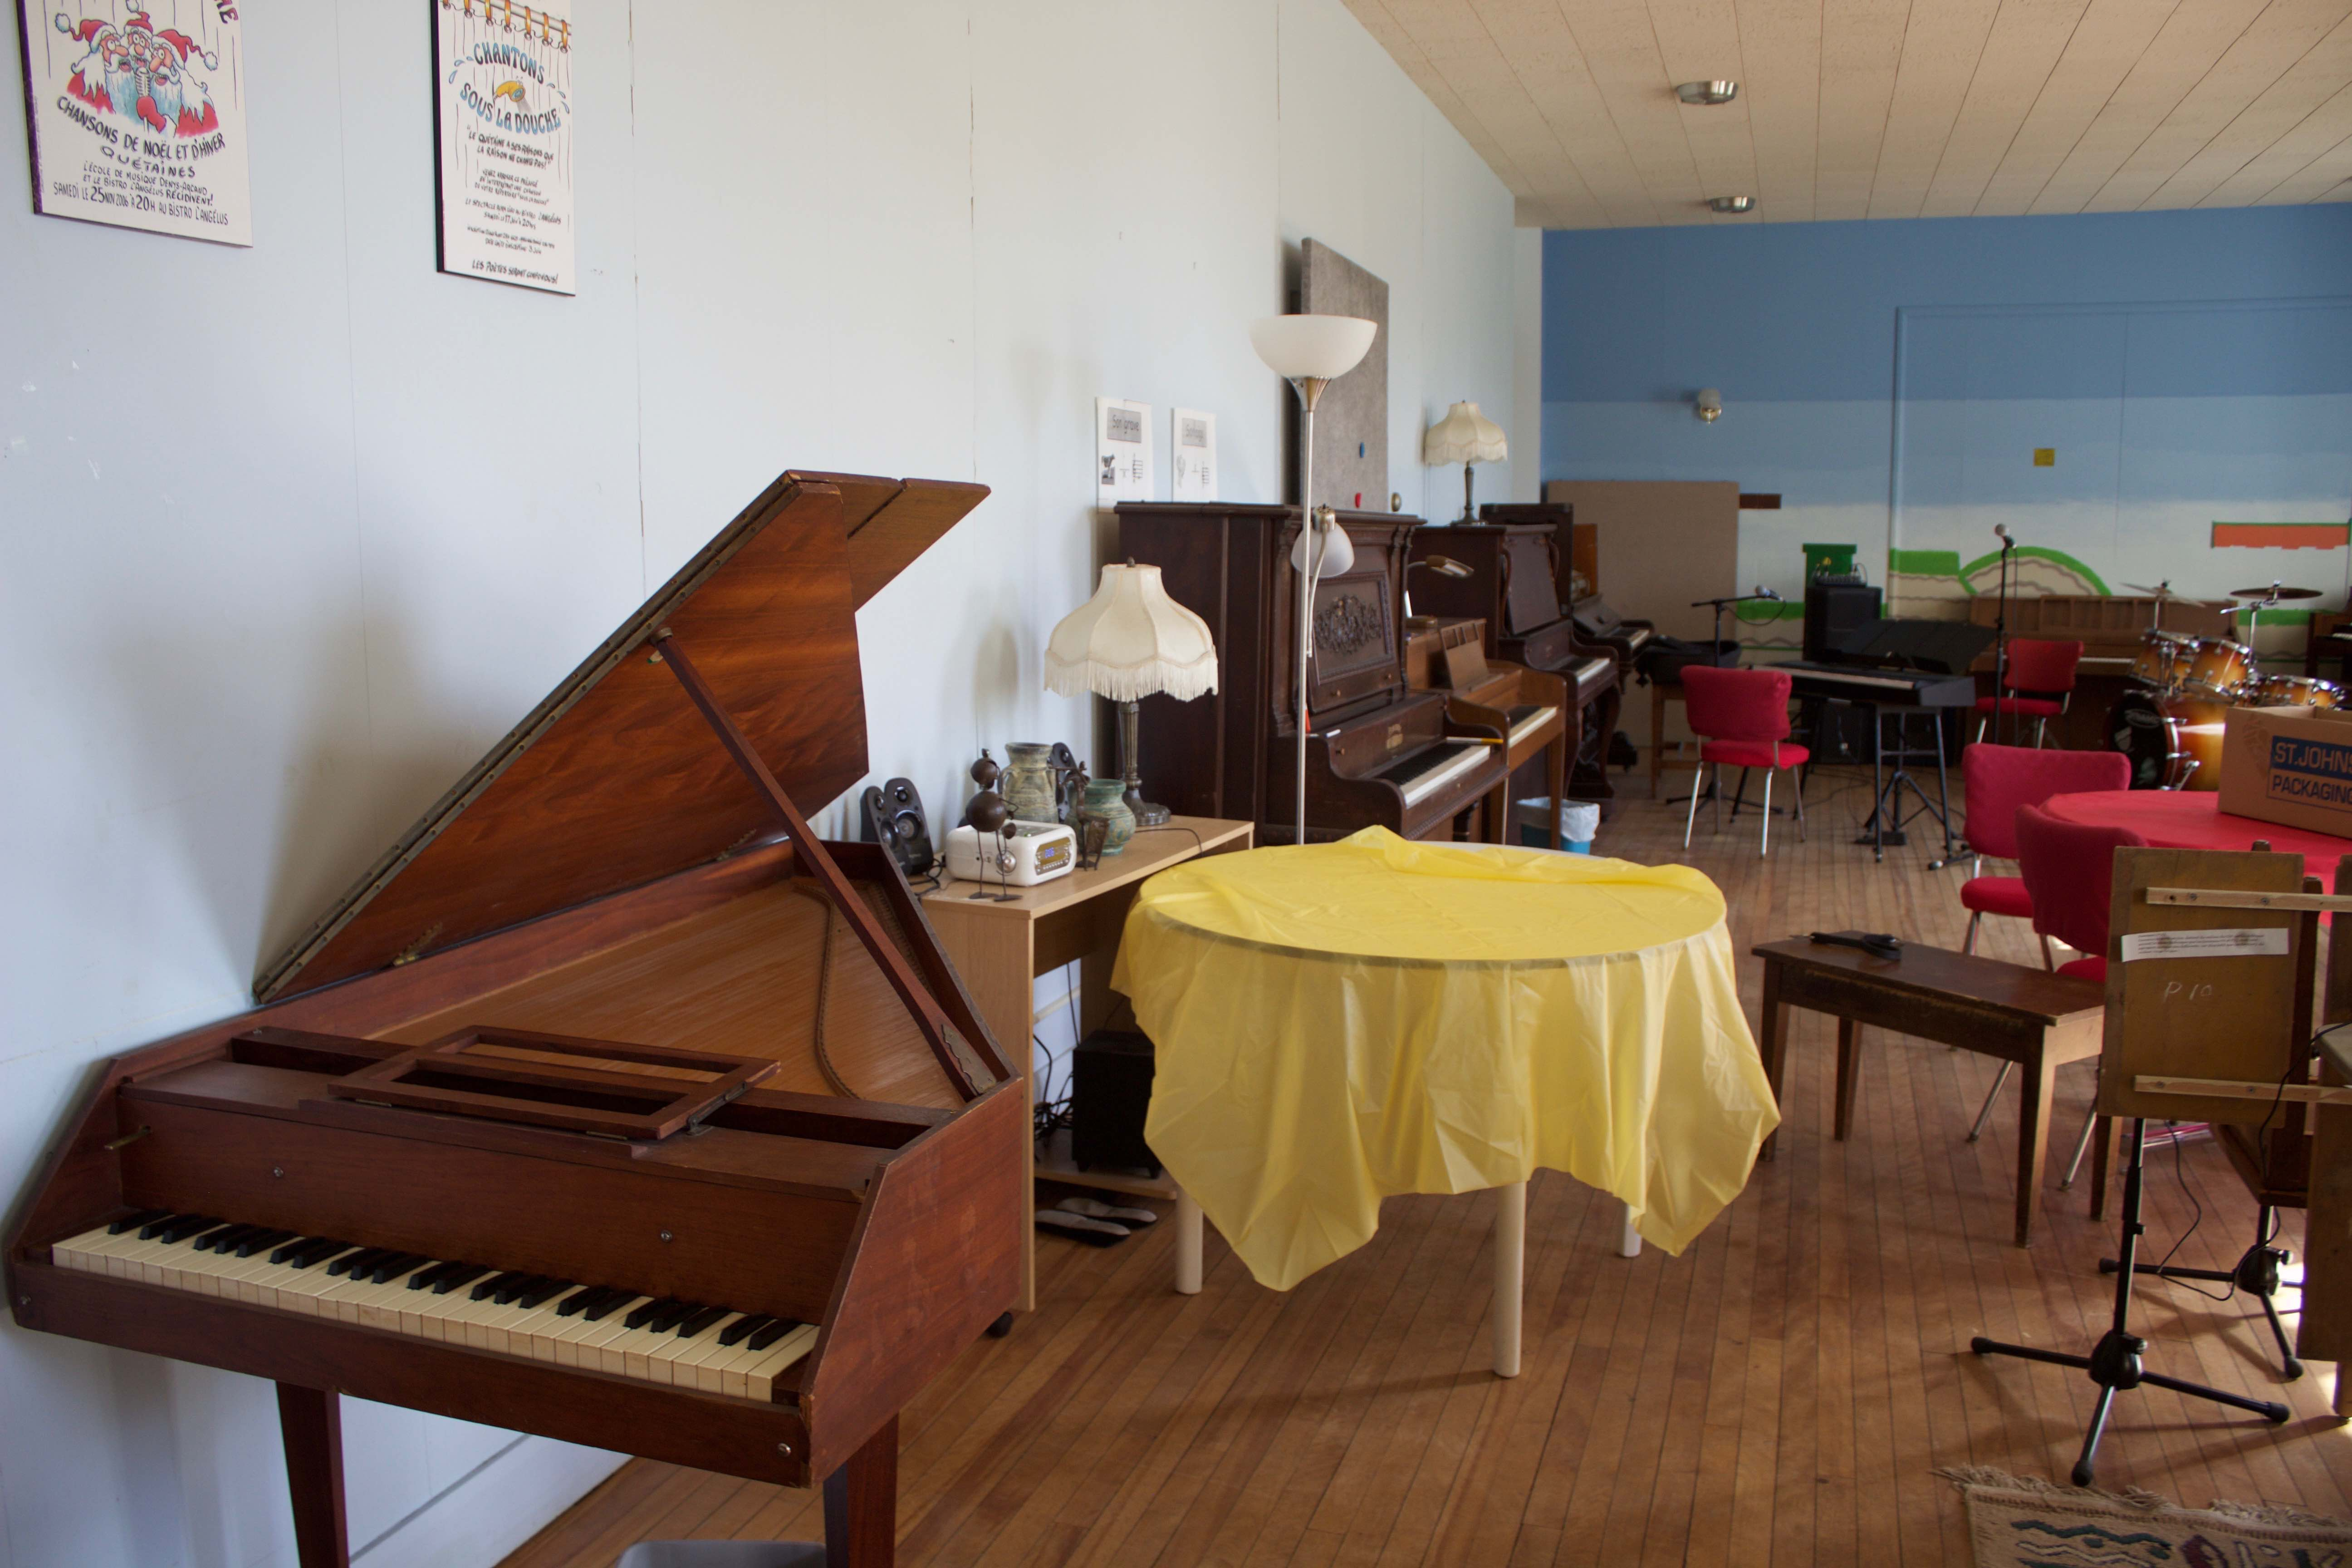 Voici un studio inspirant où Fred empile les possibilités: l'École de musique Denys-Arcand à Deschambault-Grondines. Le mur de claviers l'inspire déjà!